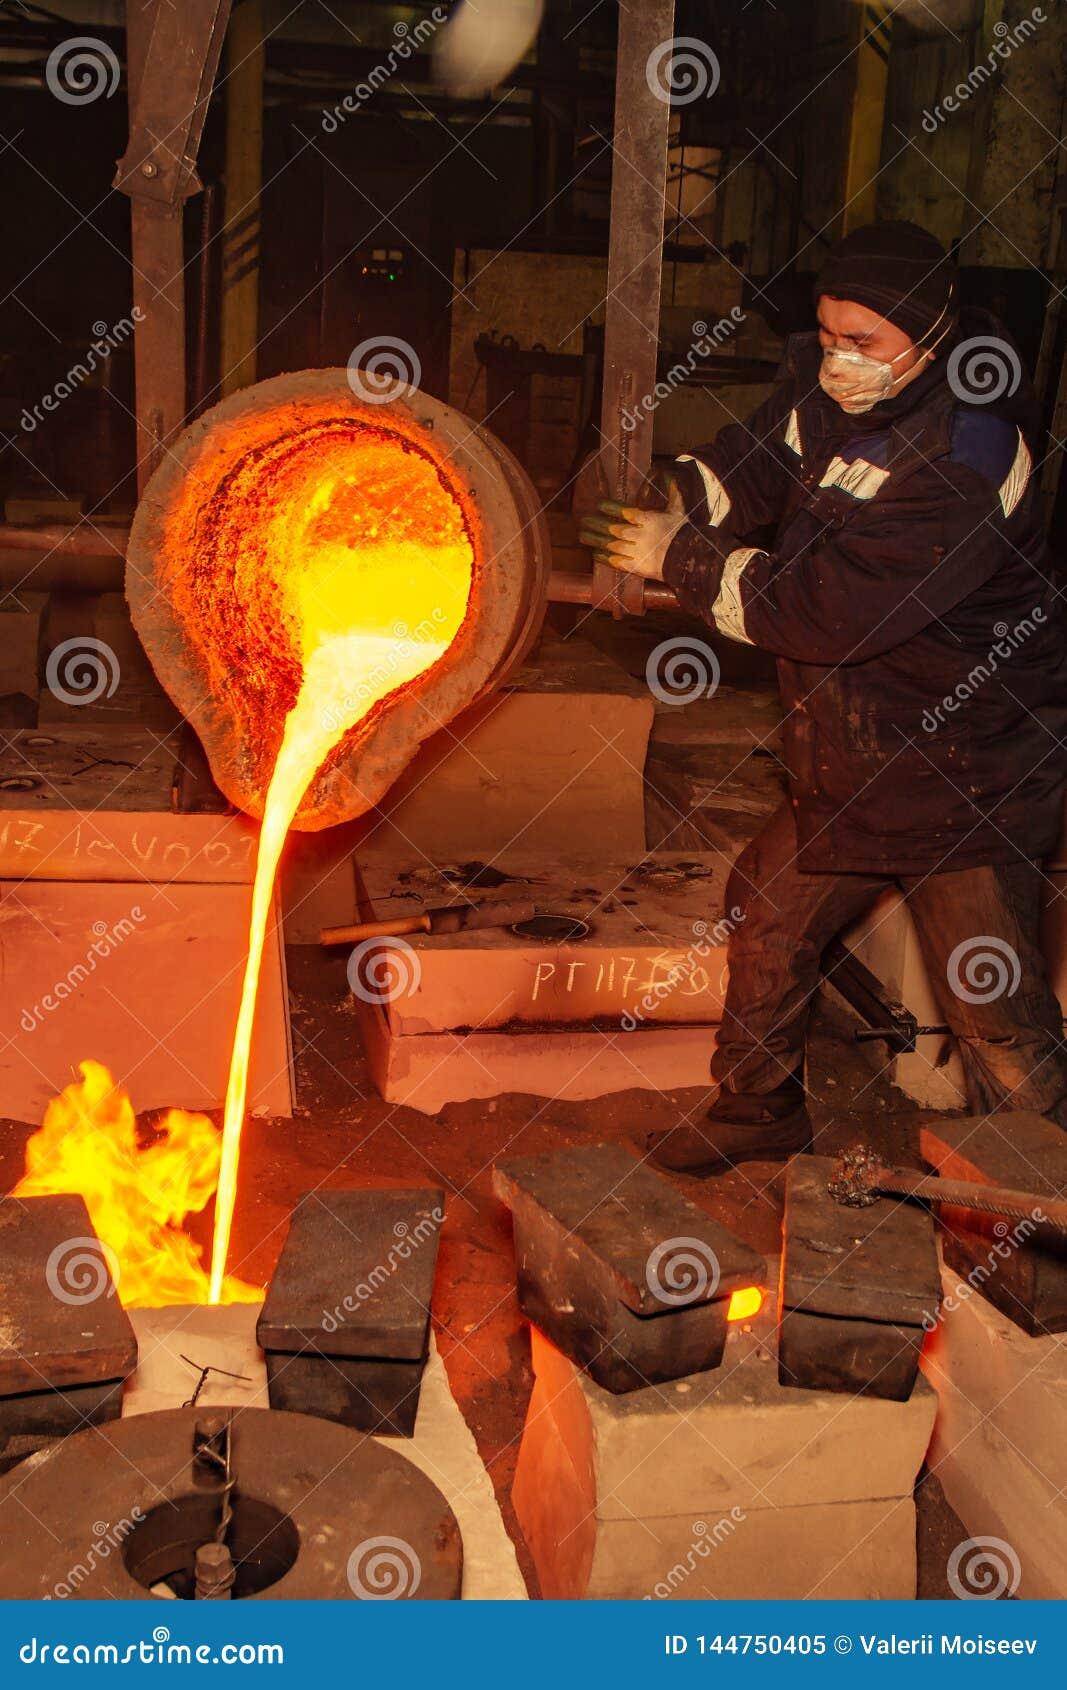 Rusland, Ryazan 14 Februari 2019 - de arbeider giet resten van gesmolten metaal in fabriek van metaal het gieten proces